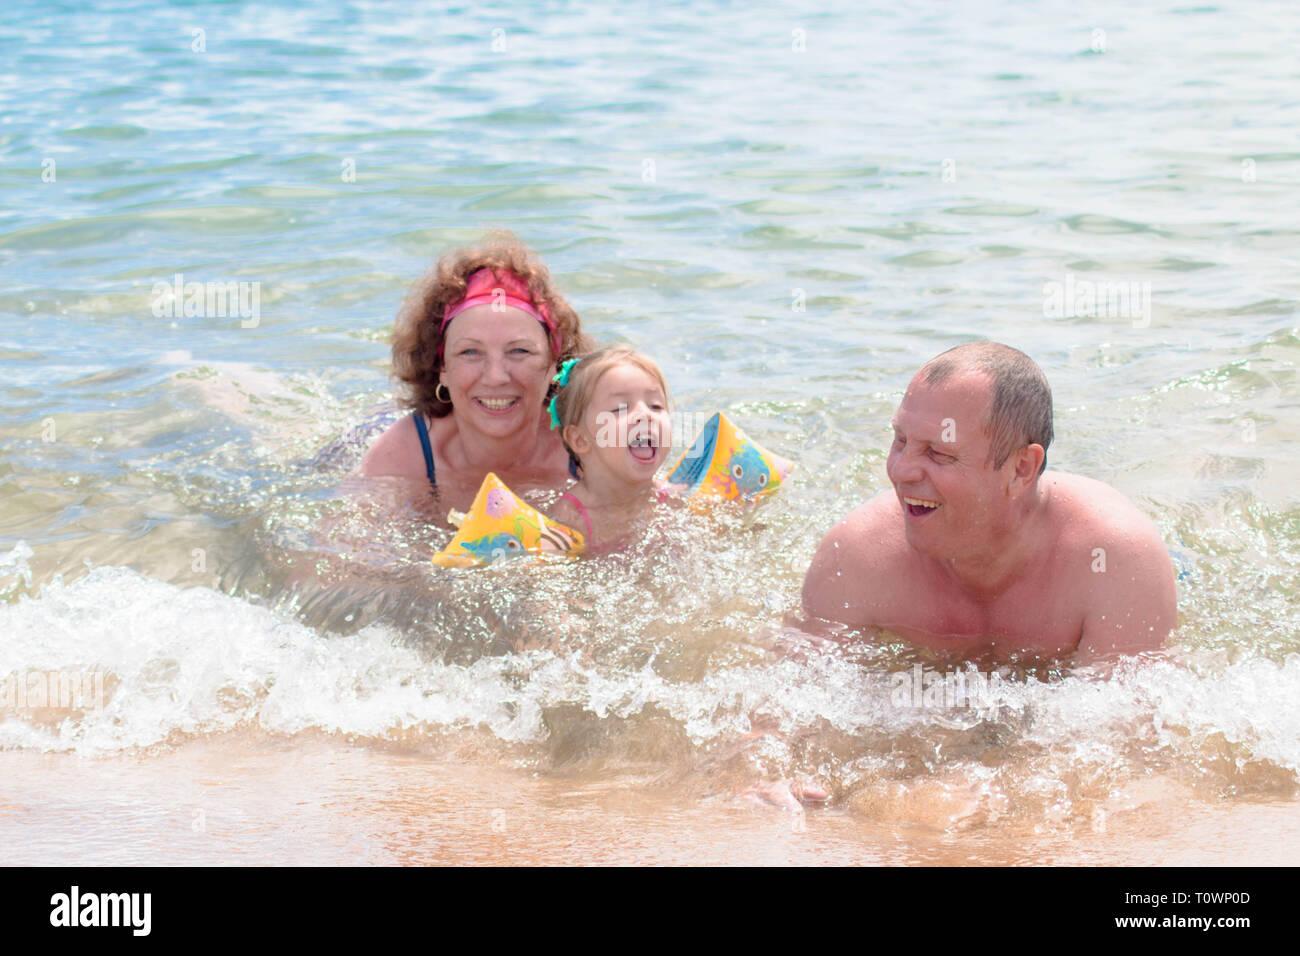 Les grands-parents et petite-fille de nager dans la mer, ils sourient et la bonne humeur. Banque D'Images